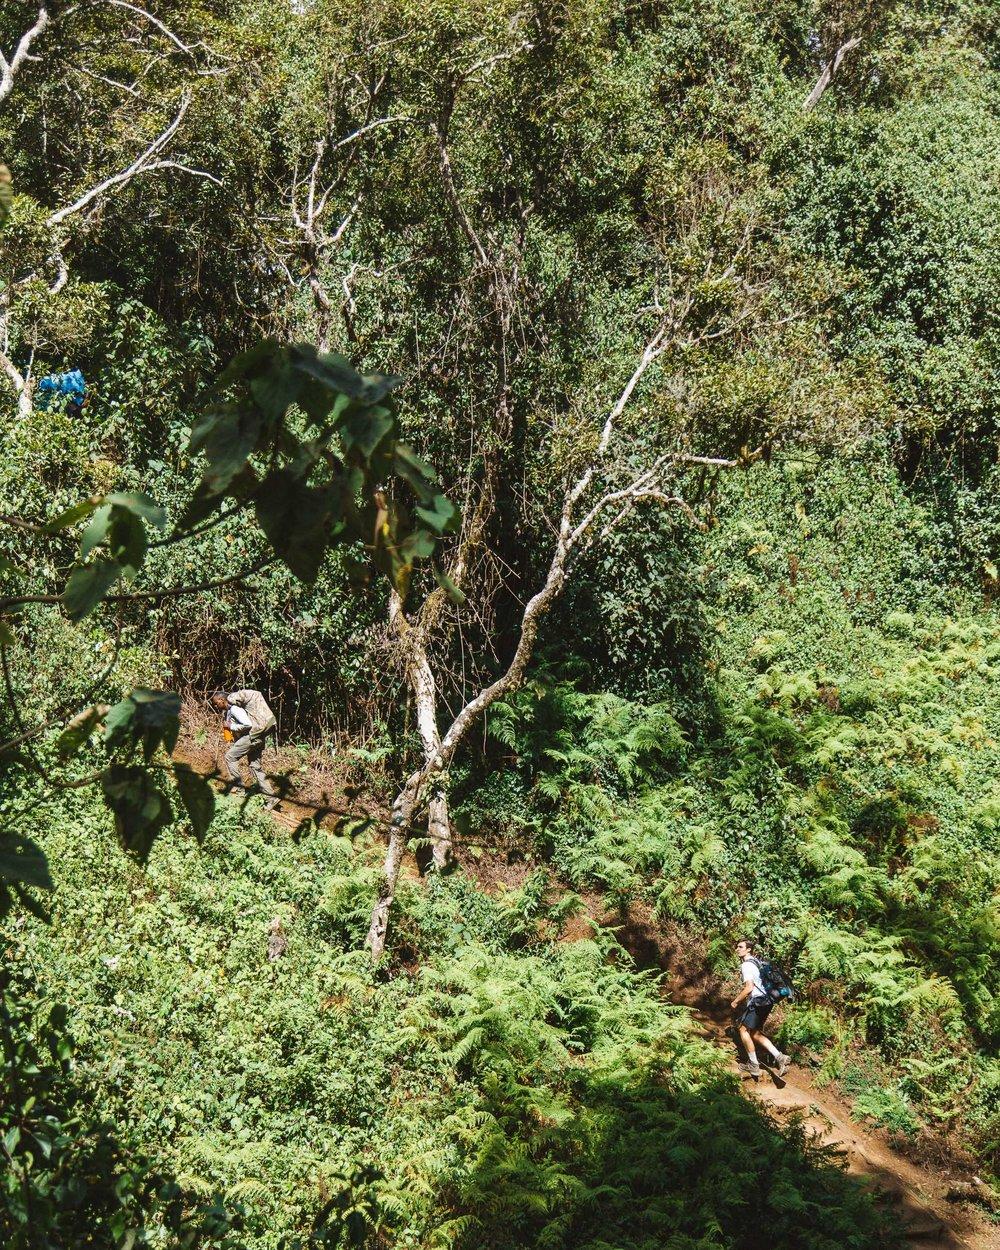 captainbarto-blog-adambartoshesky-misterspoils-mtkilimanjaro-tanzania-october2017-day1164.jpg